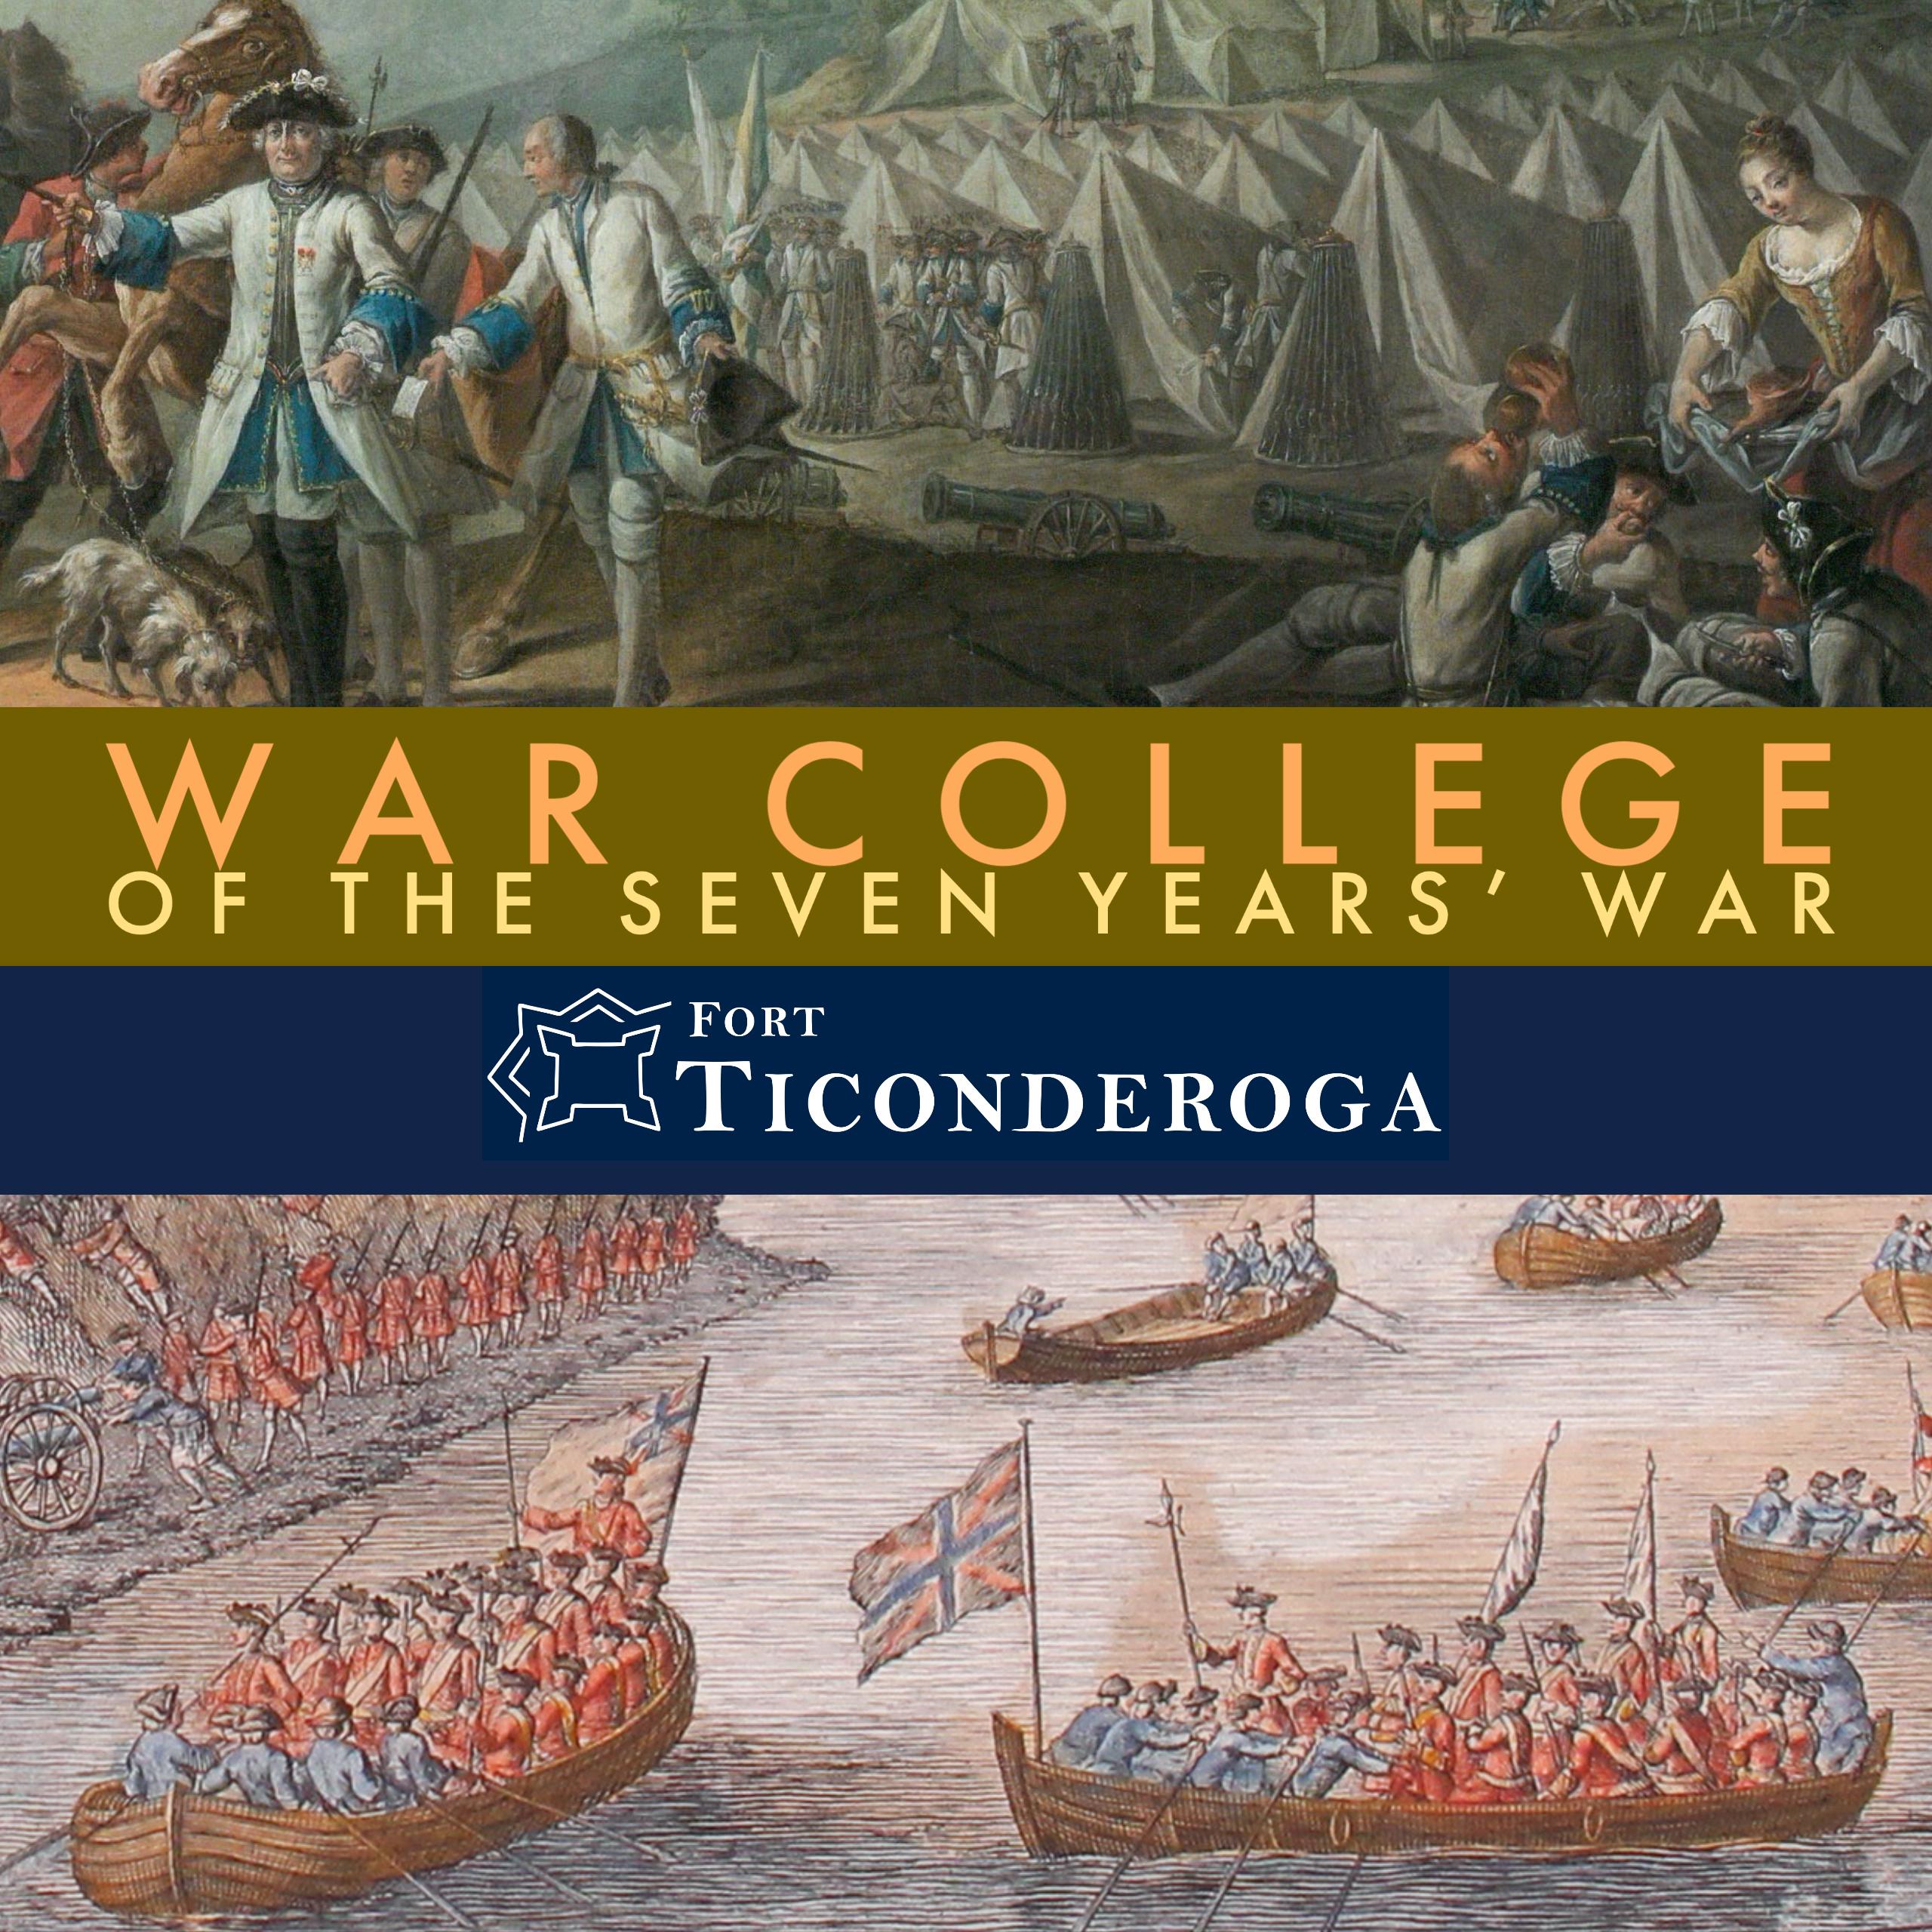 War College Seminar logo image